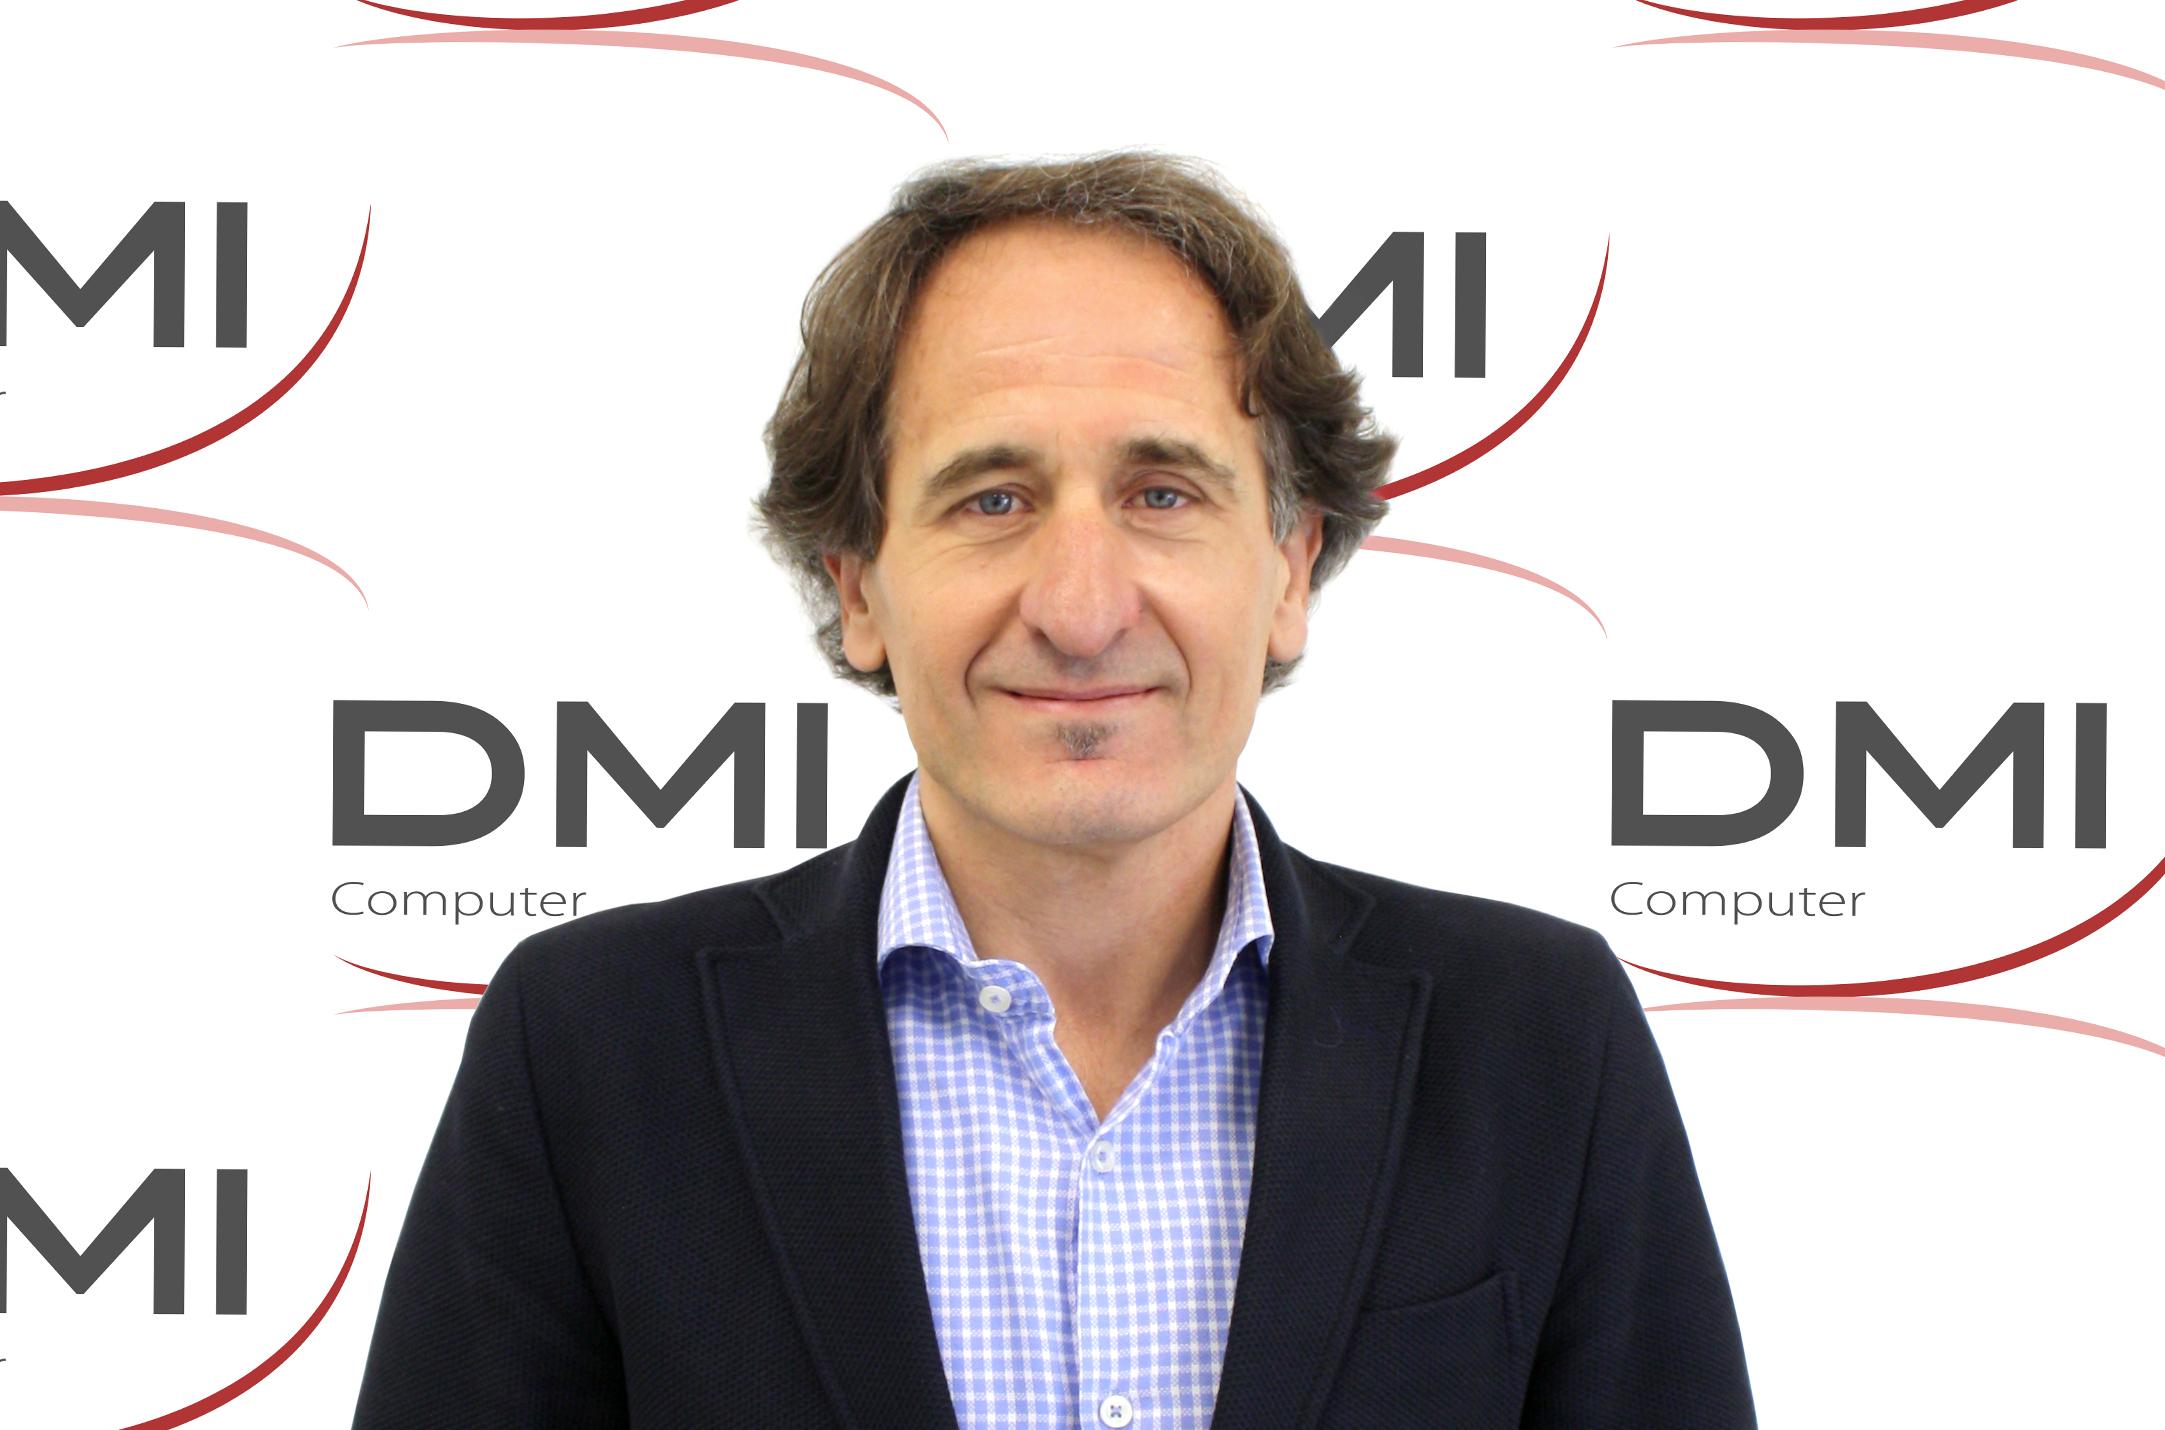 Emilio Sánchez-Clemente, CEO de DMI.